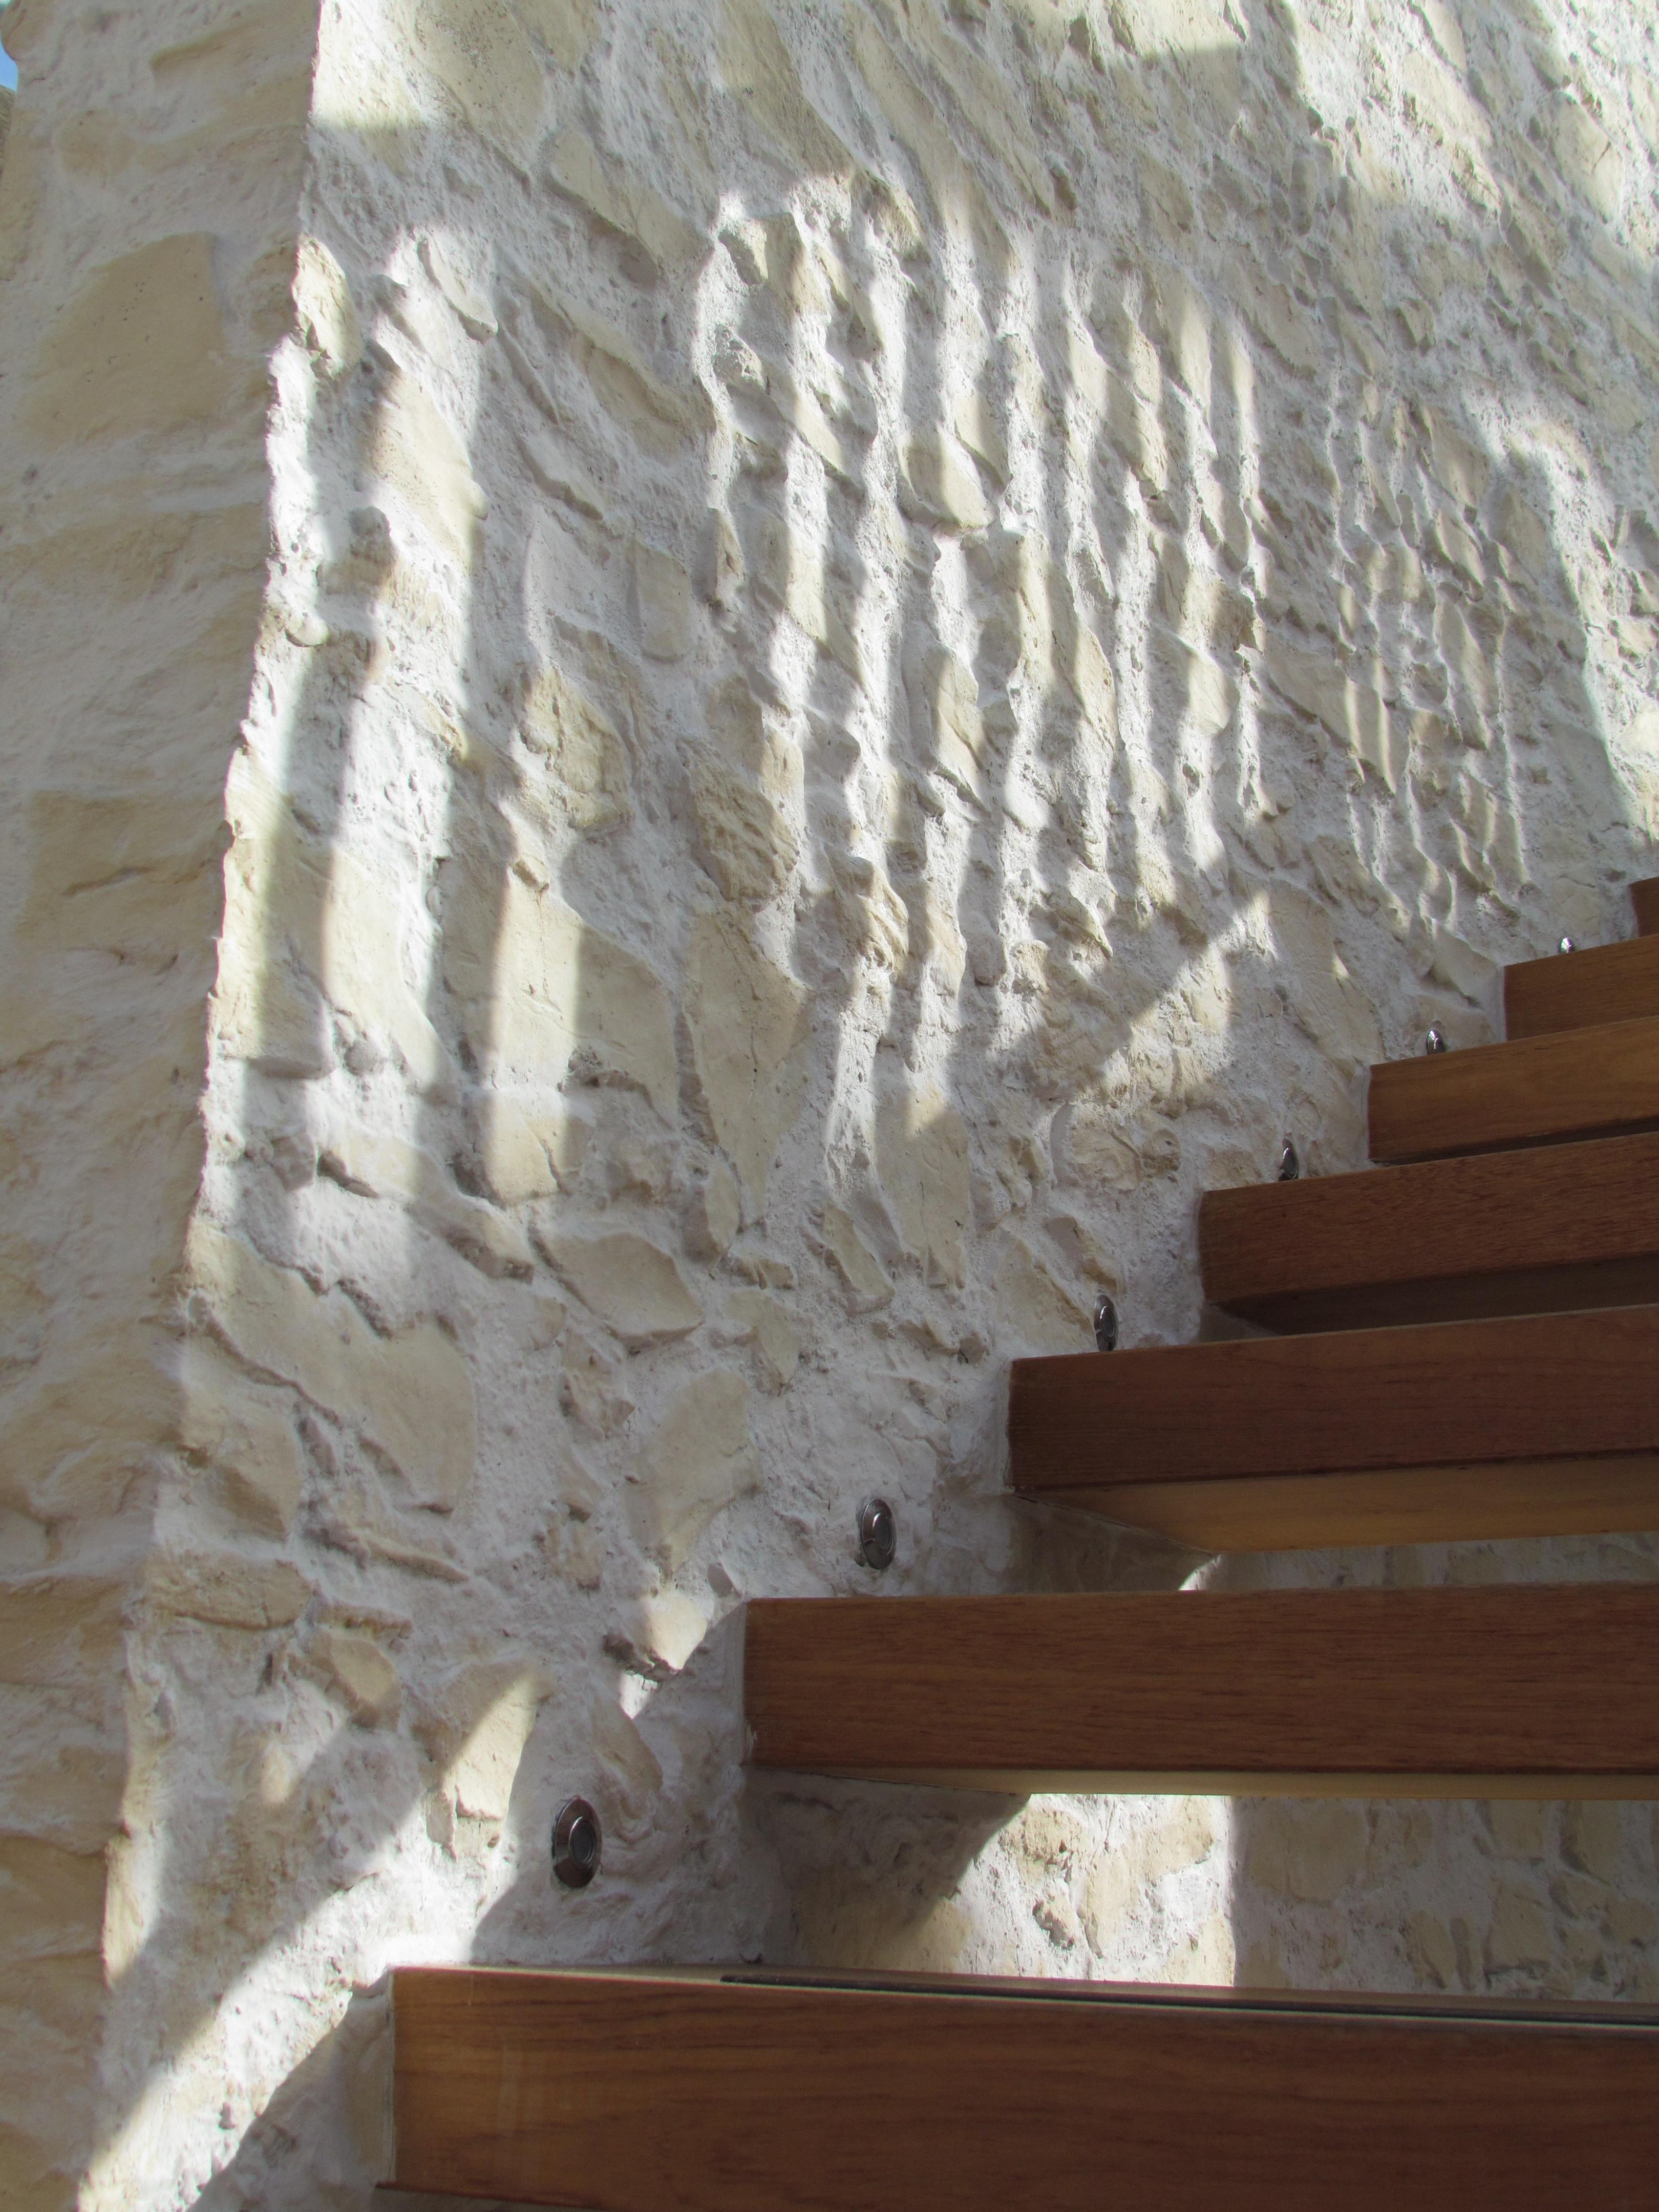 Steine Fur Wand Berechnen : Private steinwände, fernsehwände, wohnzimmerwand neu